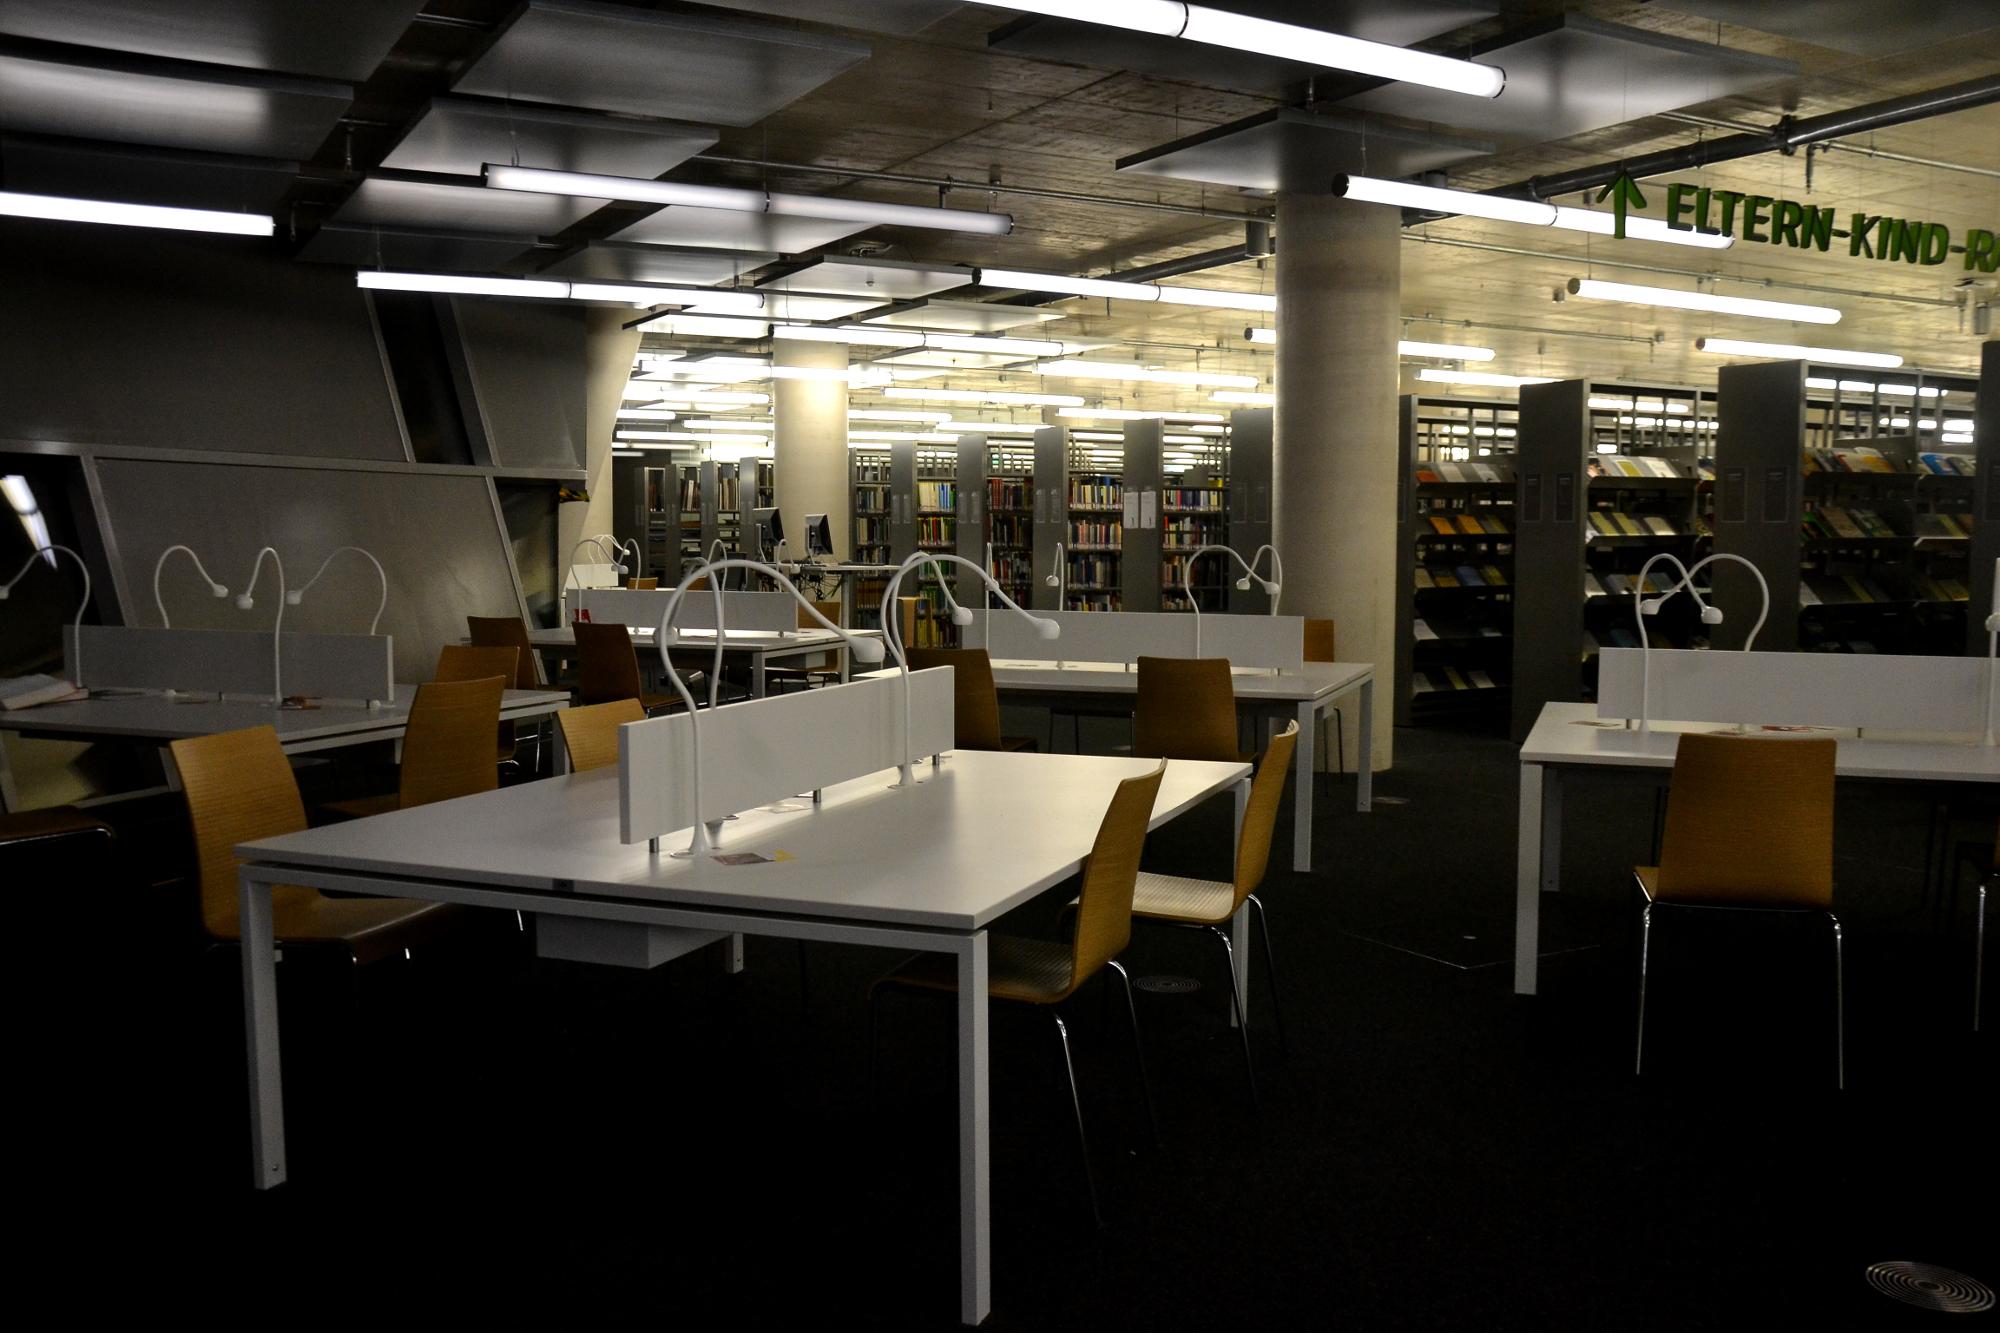 universität bibliothek freiburg suche